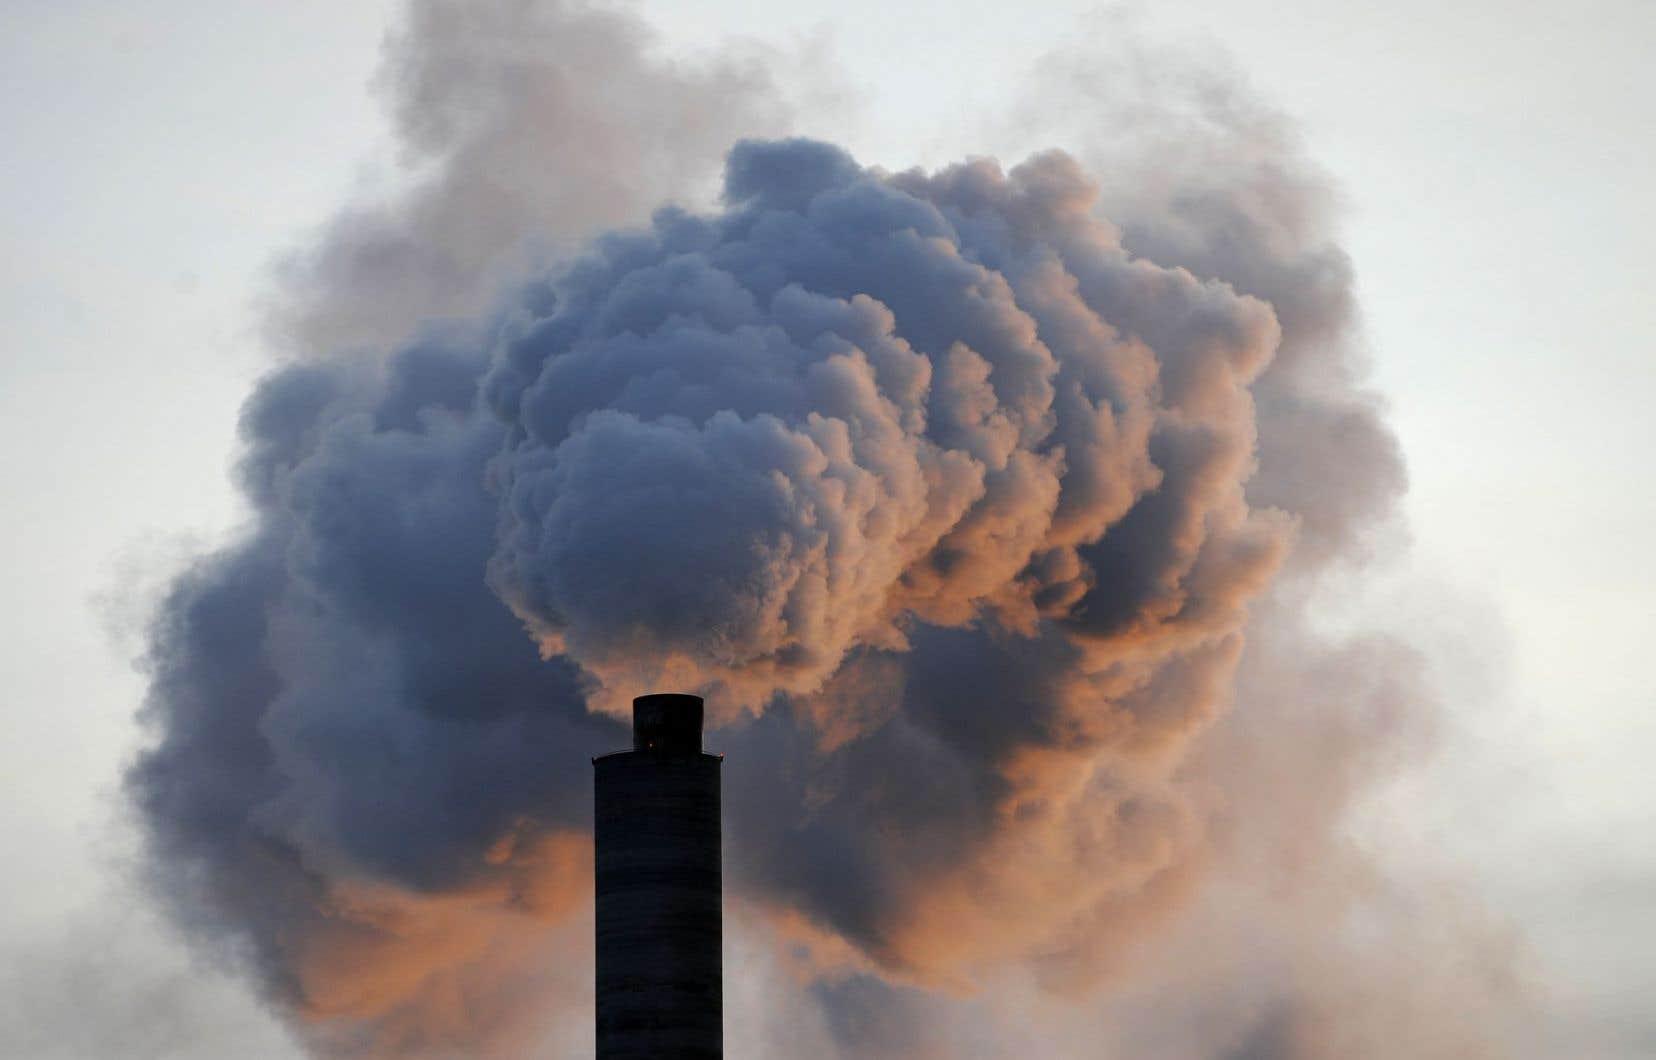 Les États-Unis se sont retirés y a un mois de l'Accord de Paris sur le climat, qui vise à réduire substantiellement les émissions mondiales de GES.